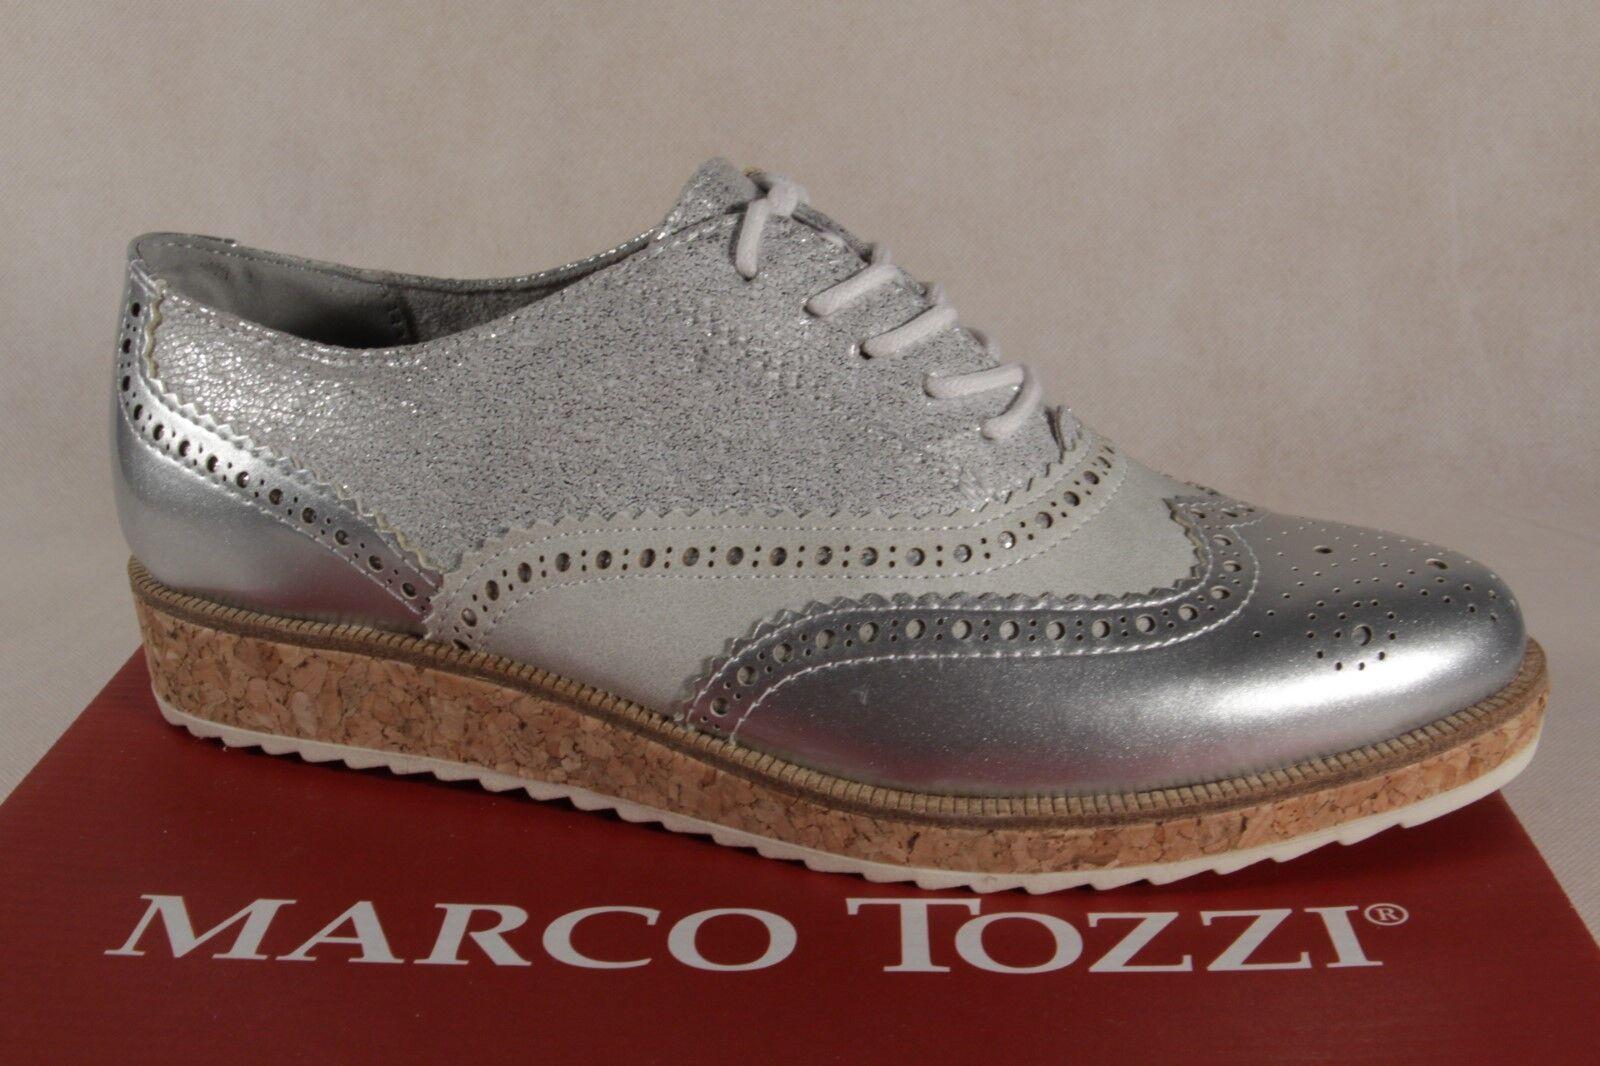 Marco Tozzi Chaussures à Lacets Chaussures de Sport Basses Argent 23726 Neuf